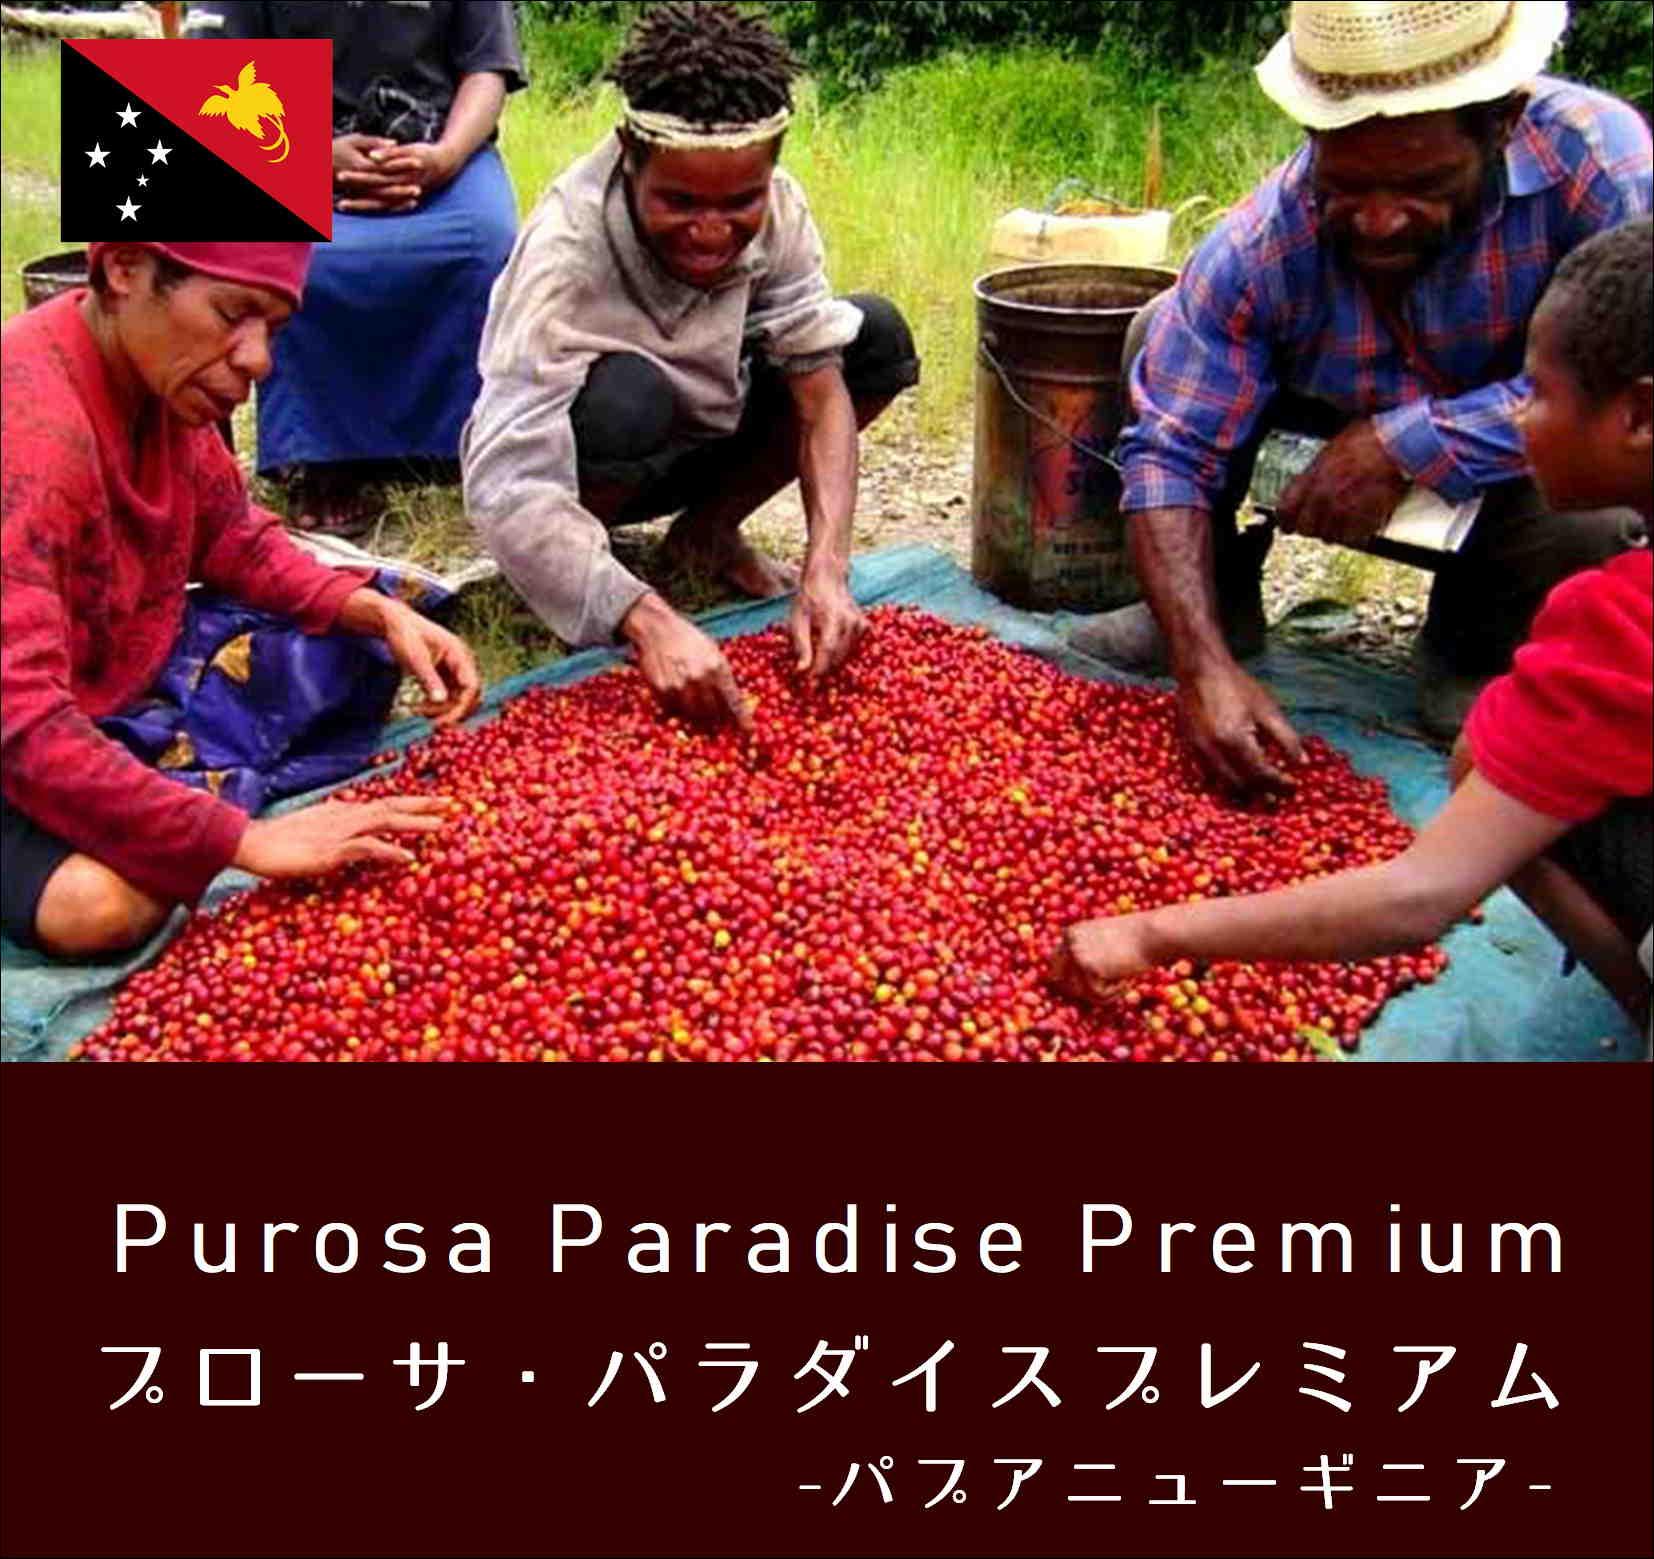 パプアニューギニア・プローサ